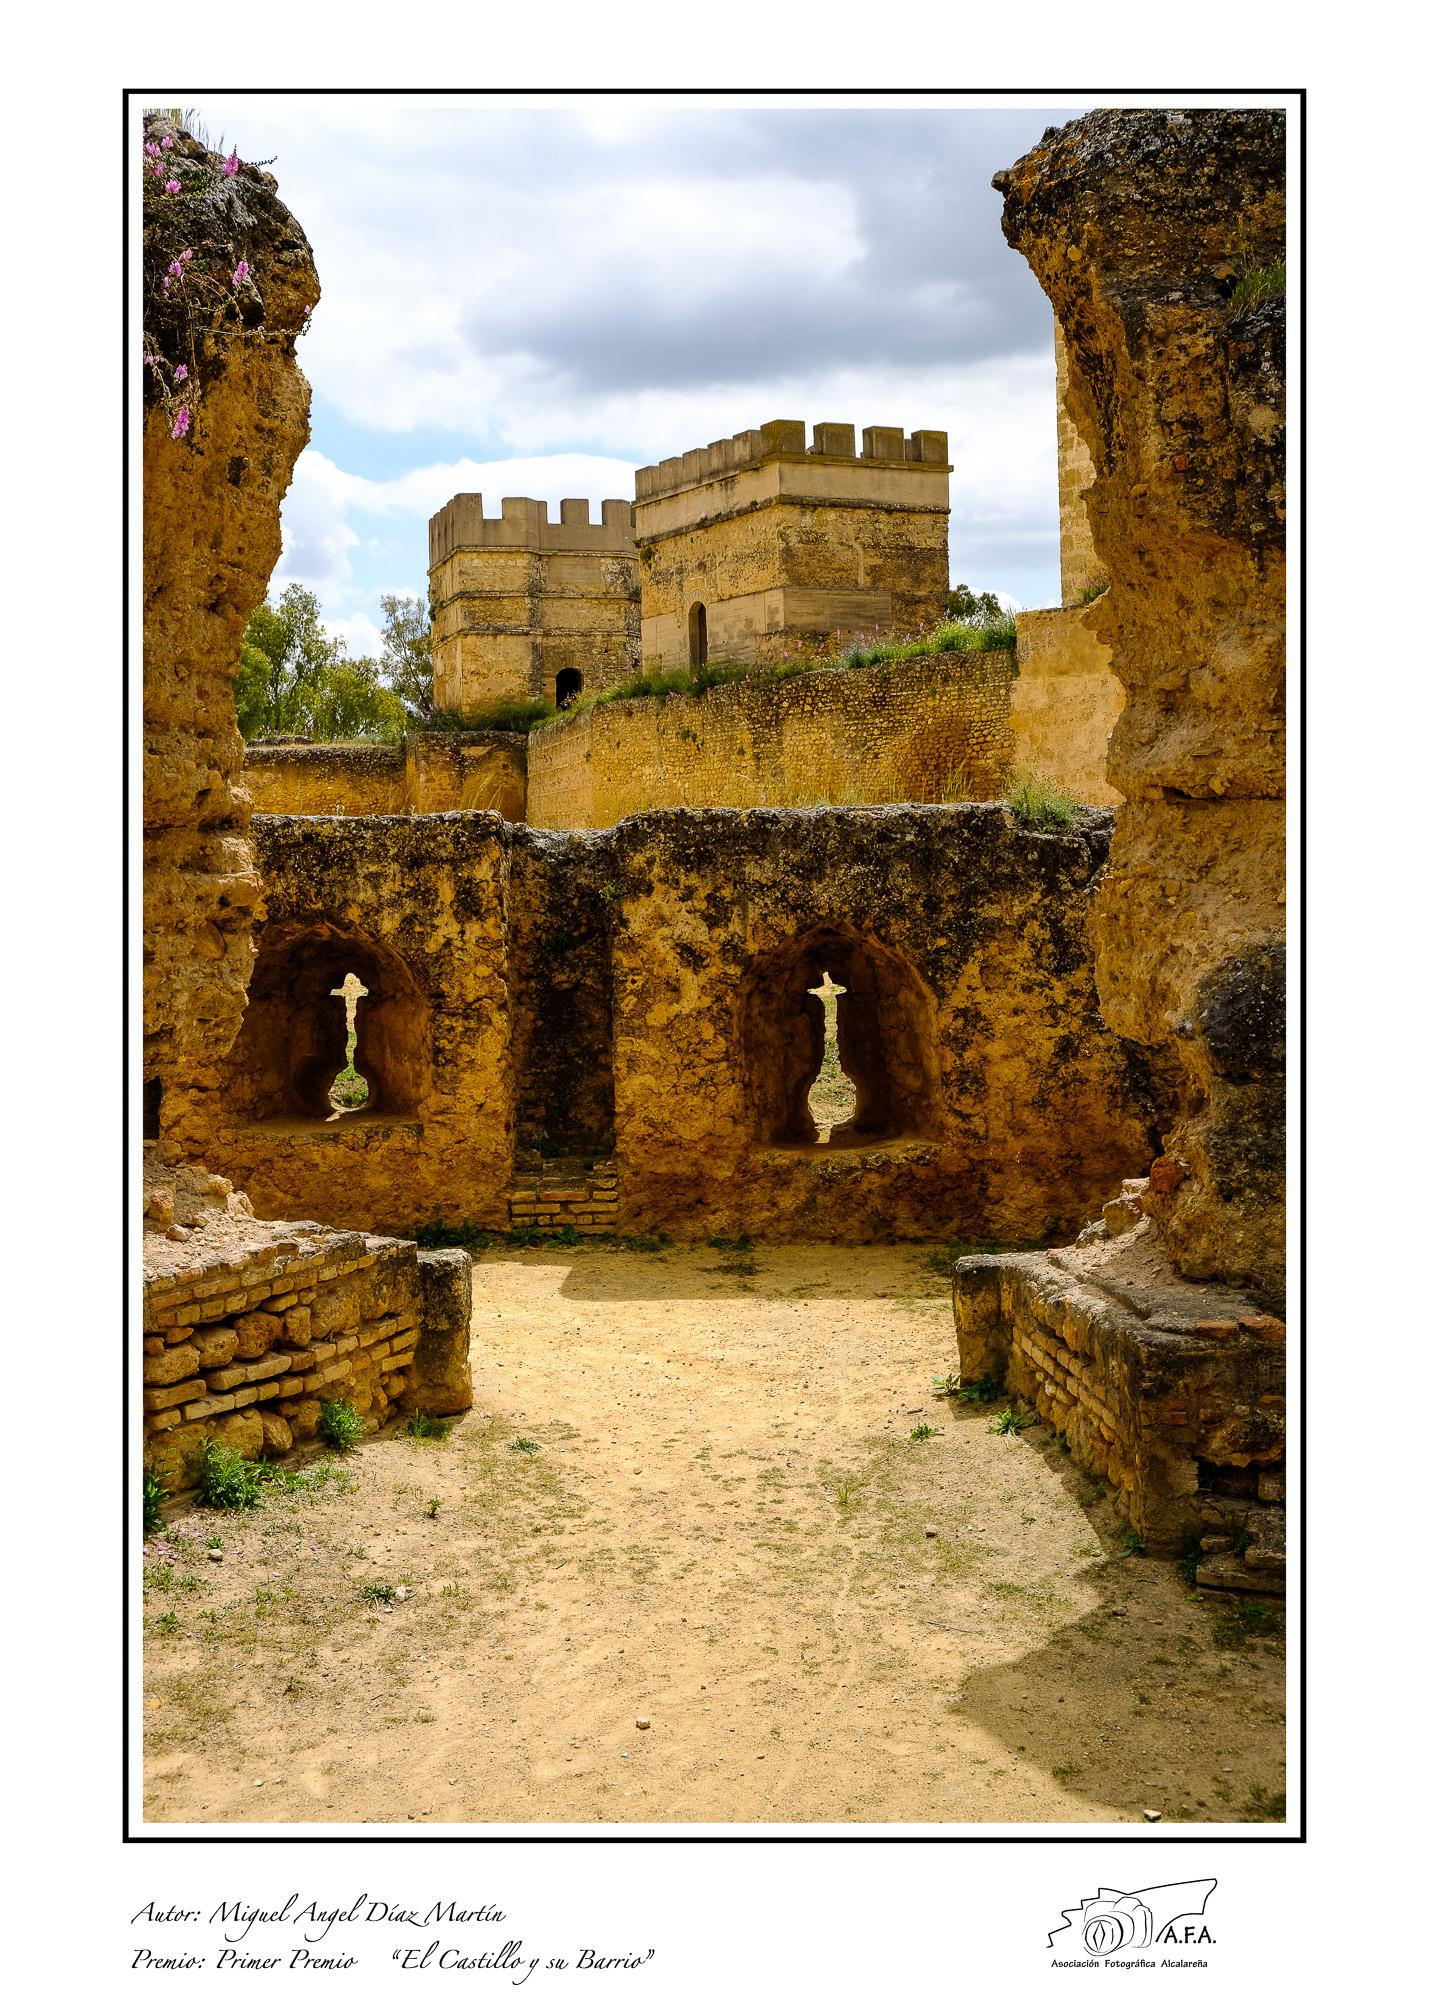 primer-premio-castillo